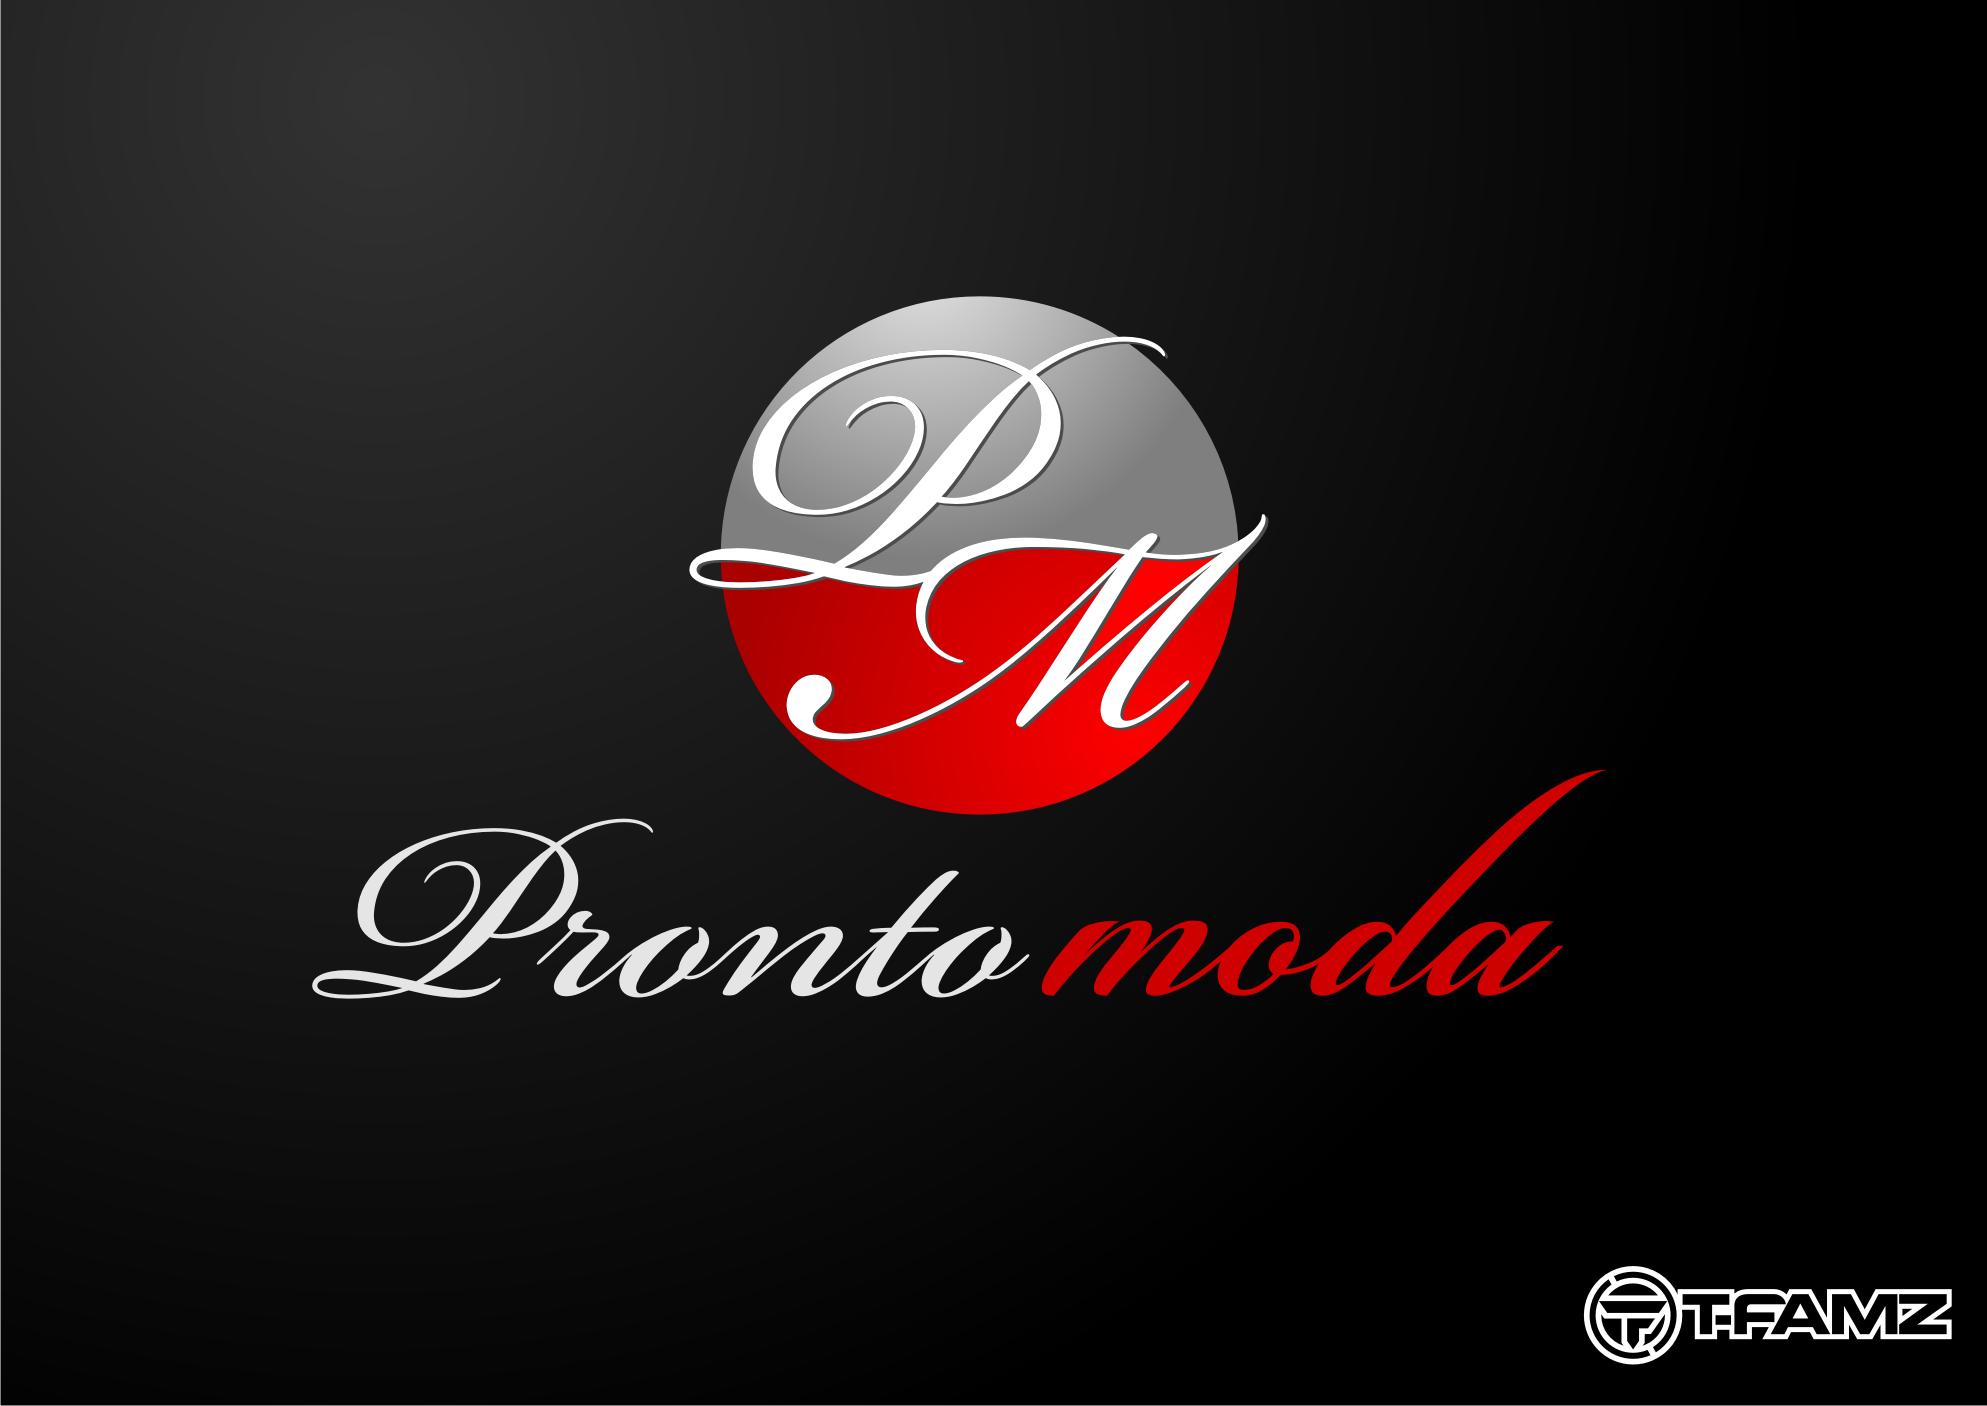 Logo Design by Tille Famz - Entry No. 12 in the Logo Design Contest Captivating Logo Design for Pronto moda.